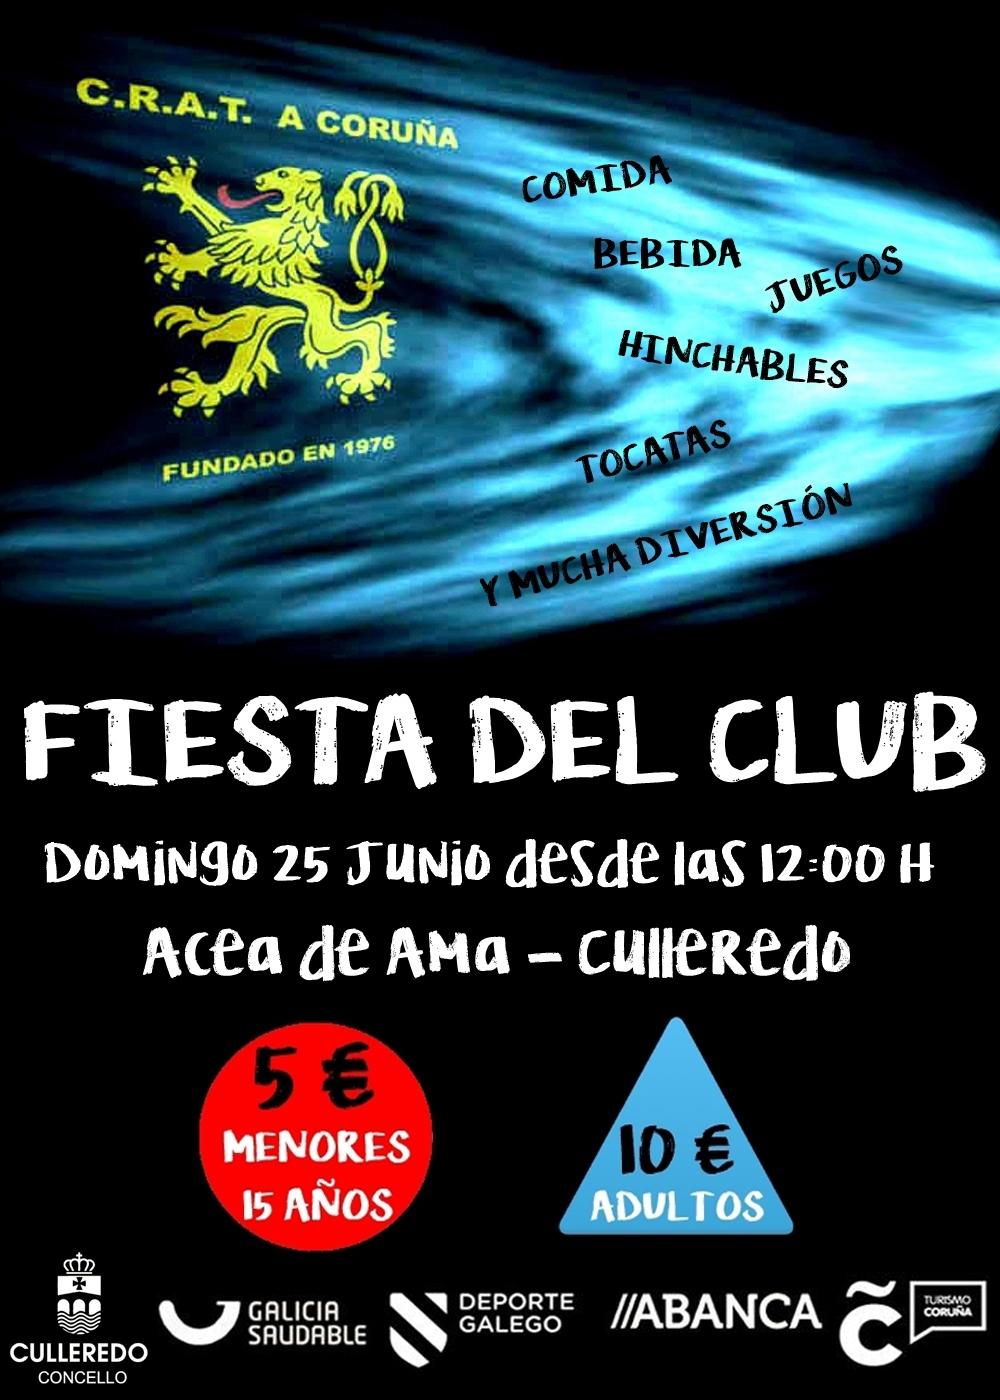 Fiesta del Club 2017